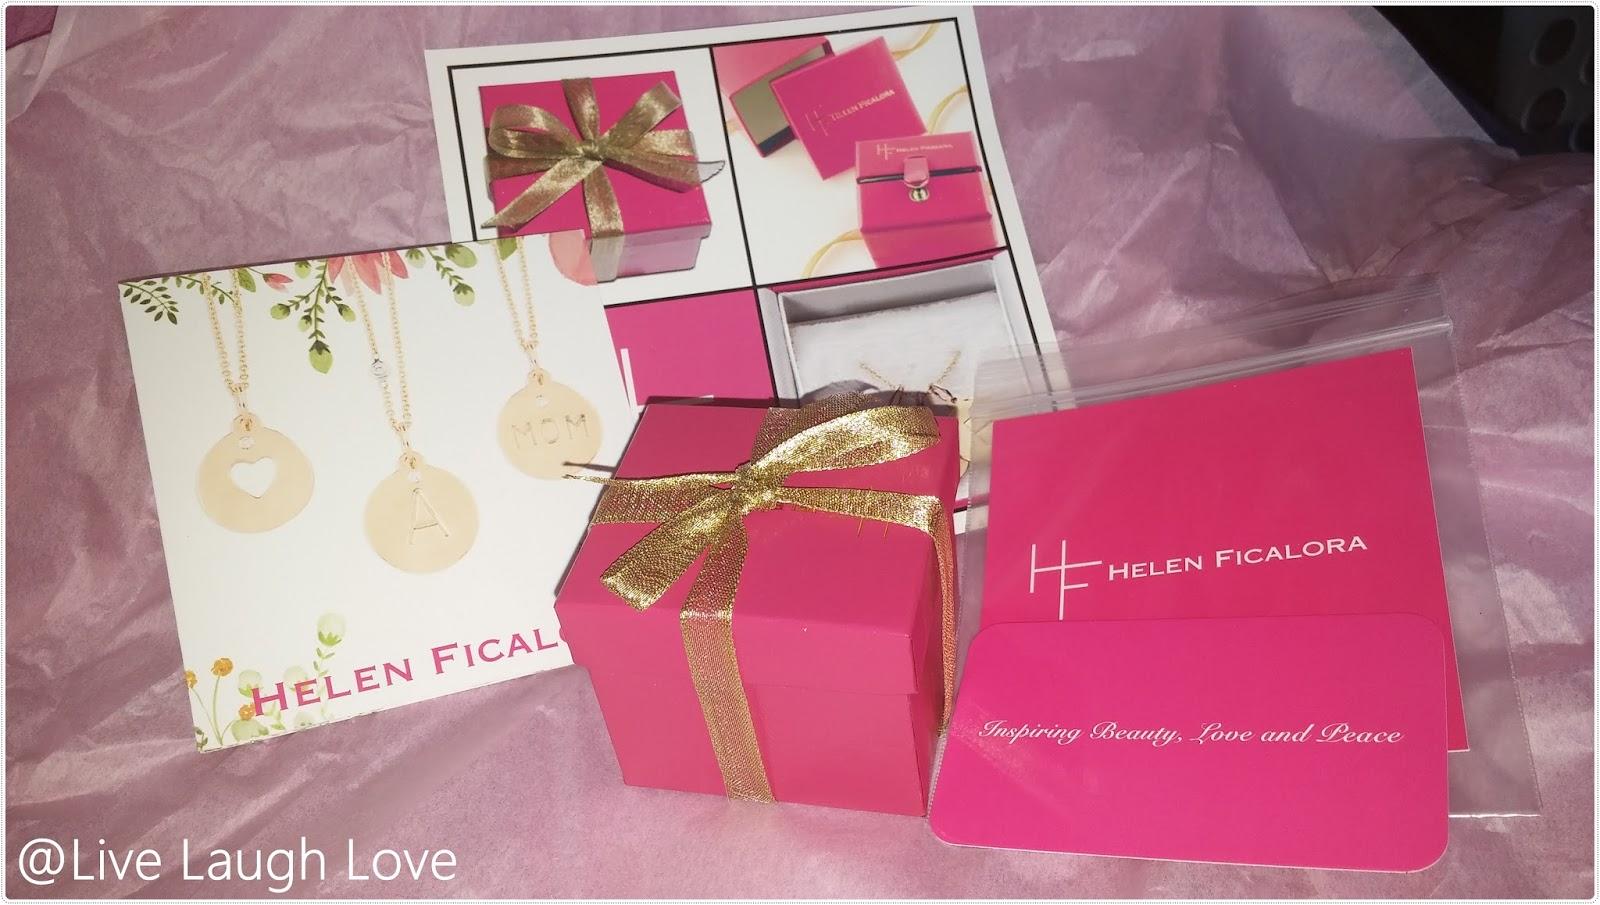 Live Laugh Love Helen Ficalora Review